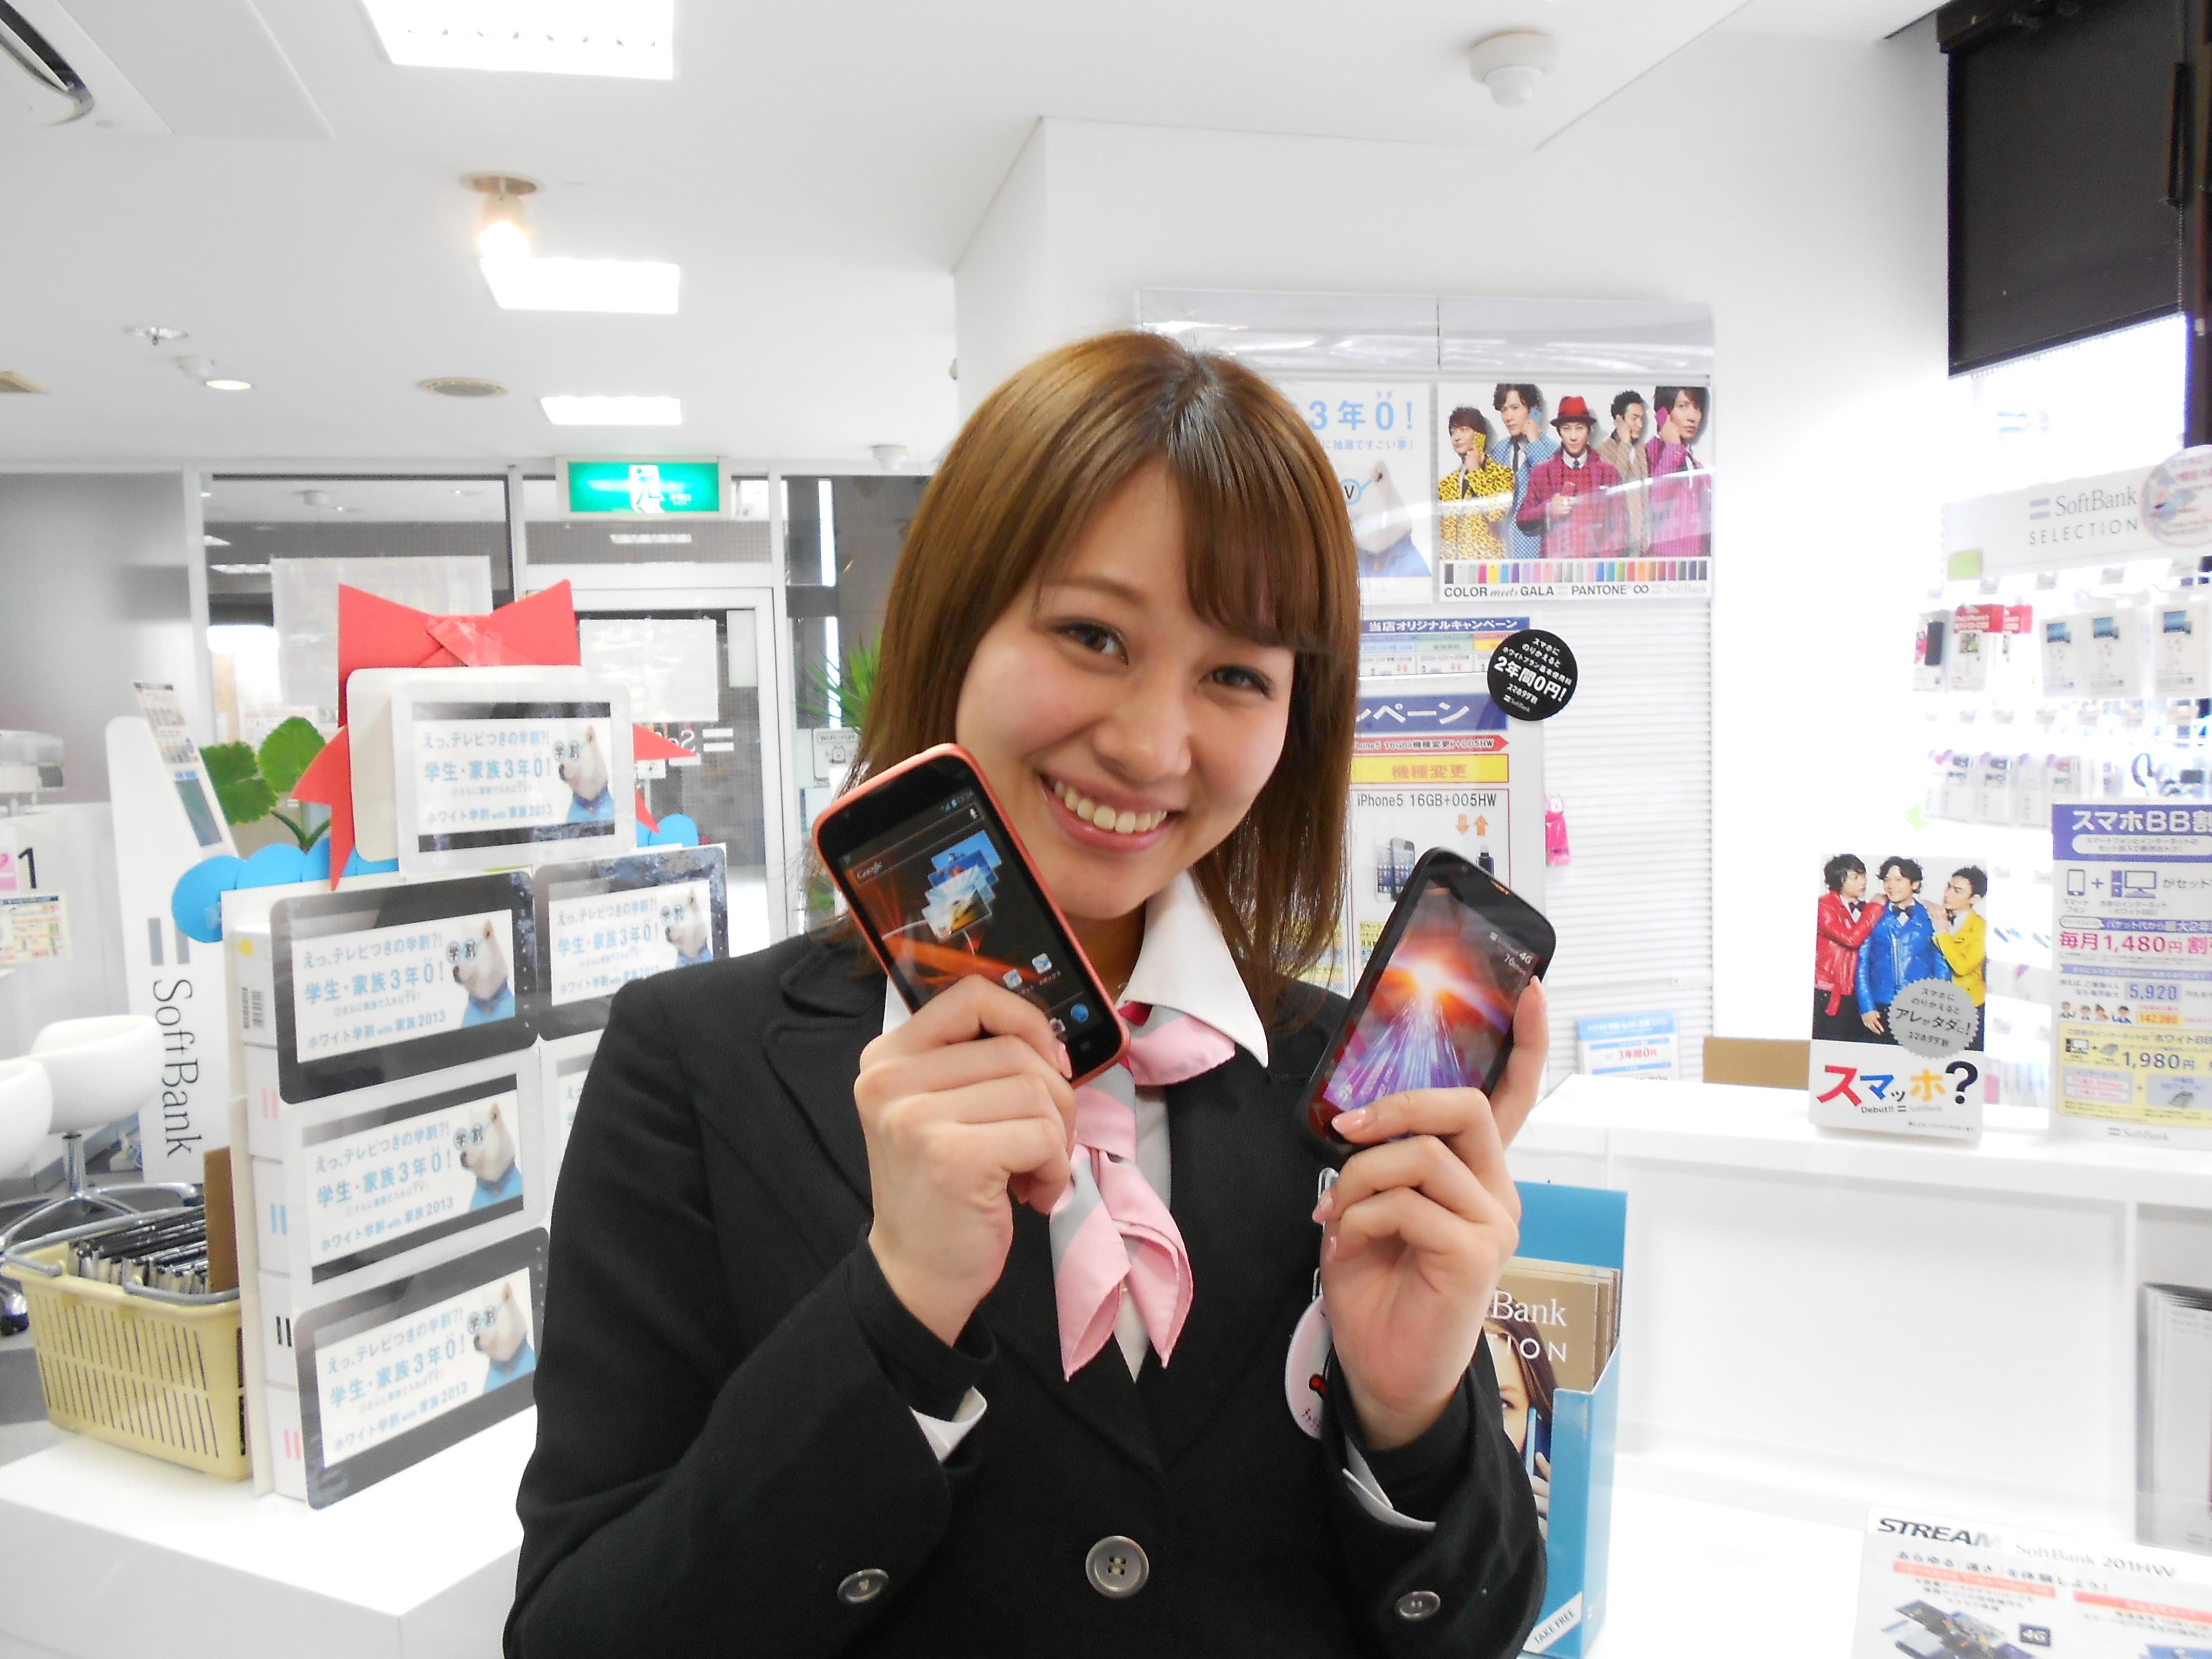 ソフトバンク 西新宿(株式会社シエロ)のアルバイト情報